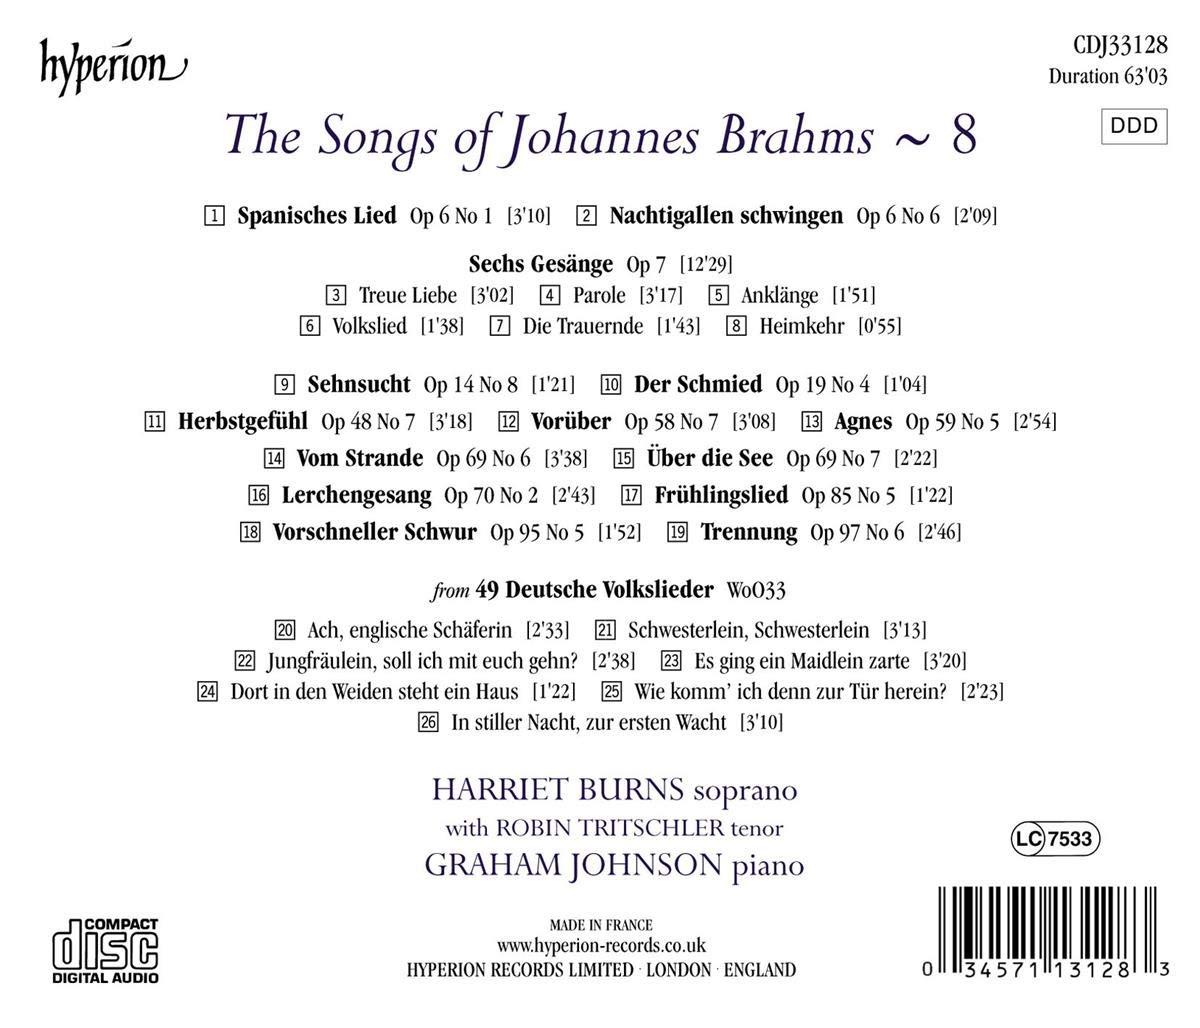 Deutsche Volkslieder, No. 22, Dort in den Weiden